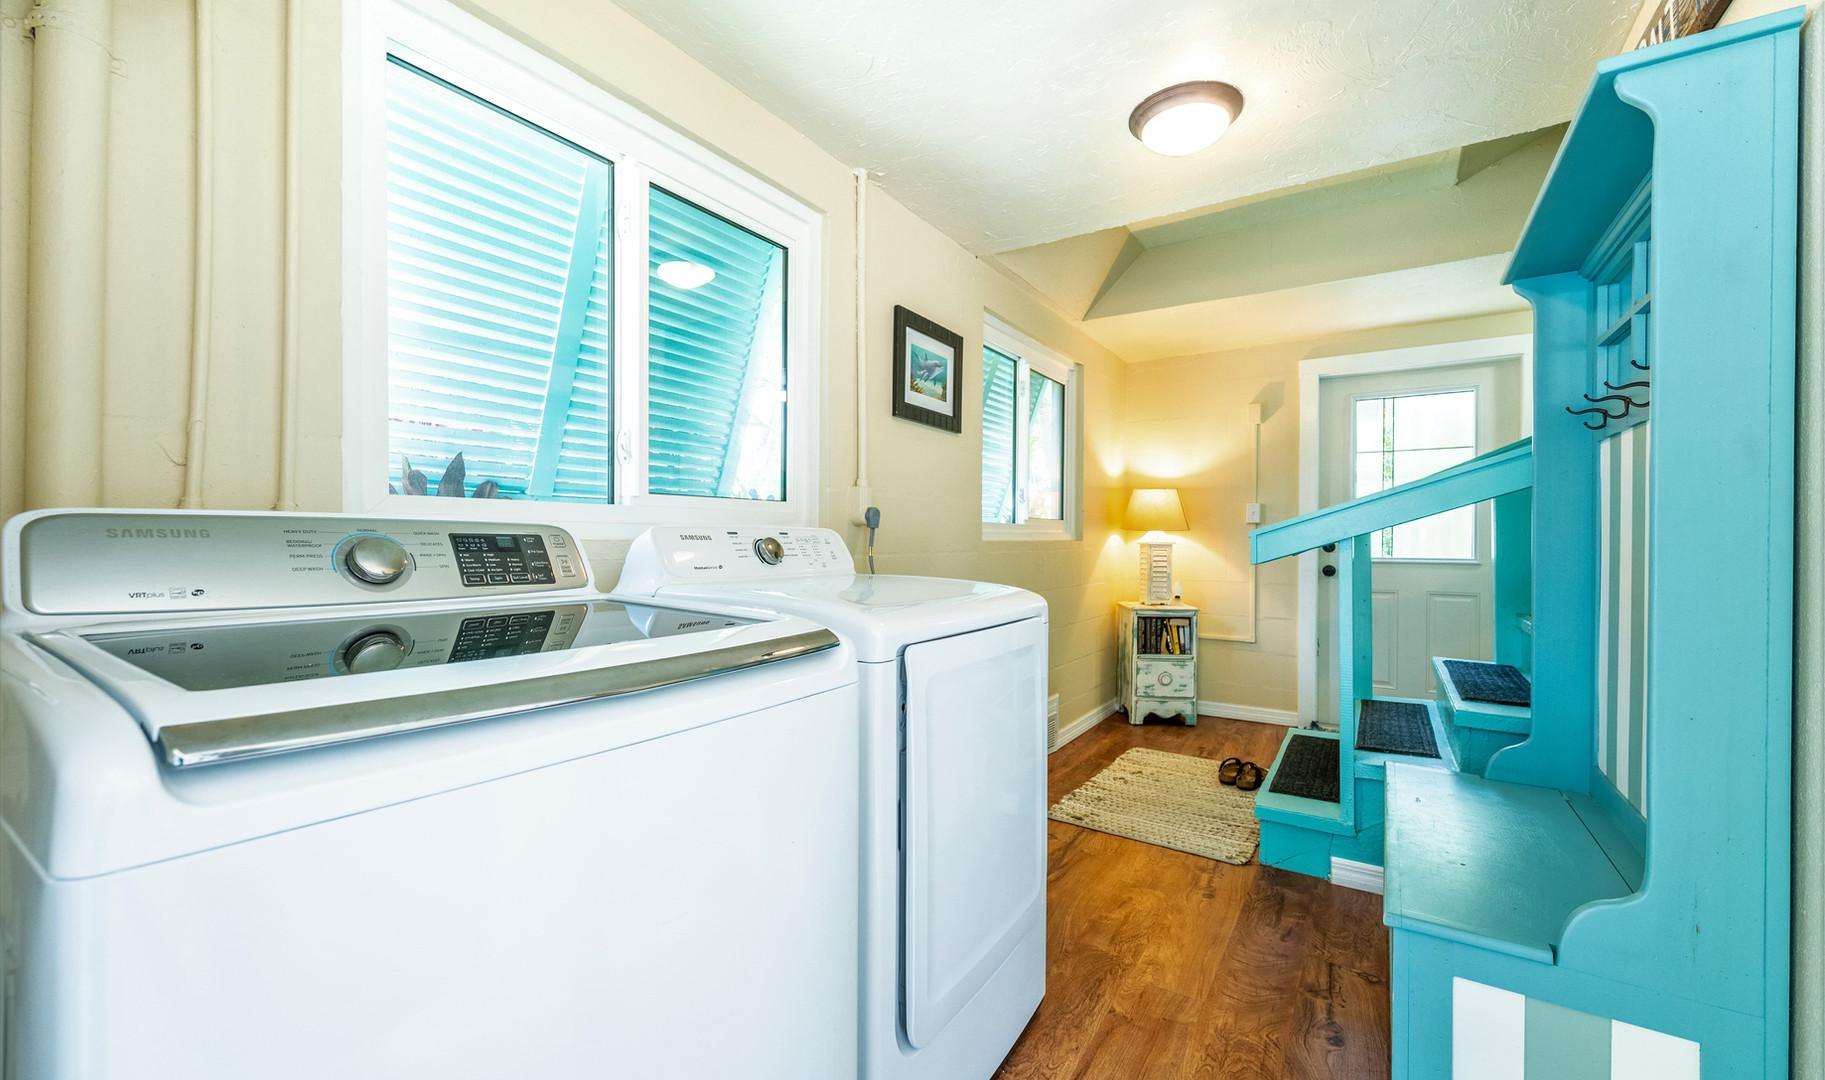 Ground floor laundry area